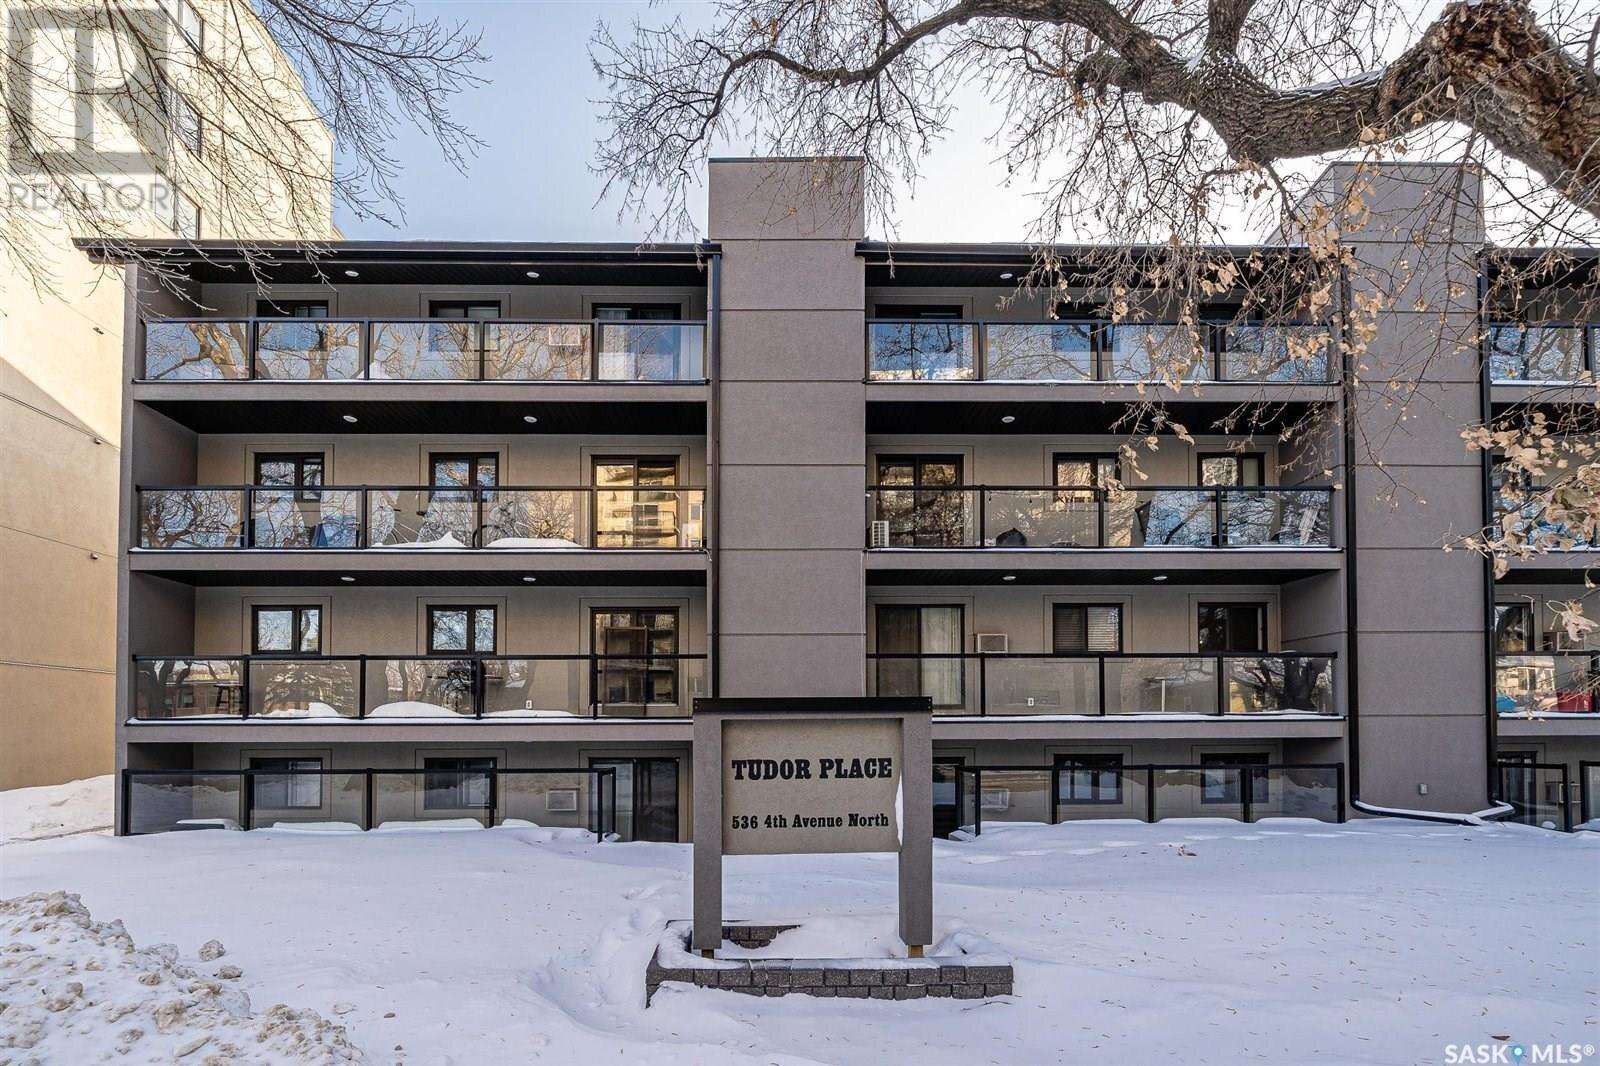 405 - 536 4th Avenue N, Saskatoon | Image 1